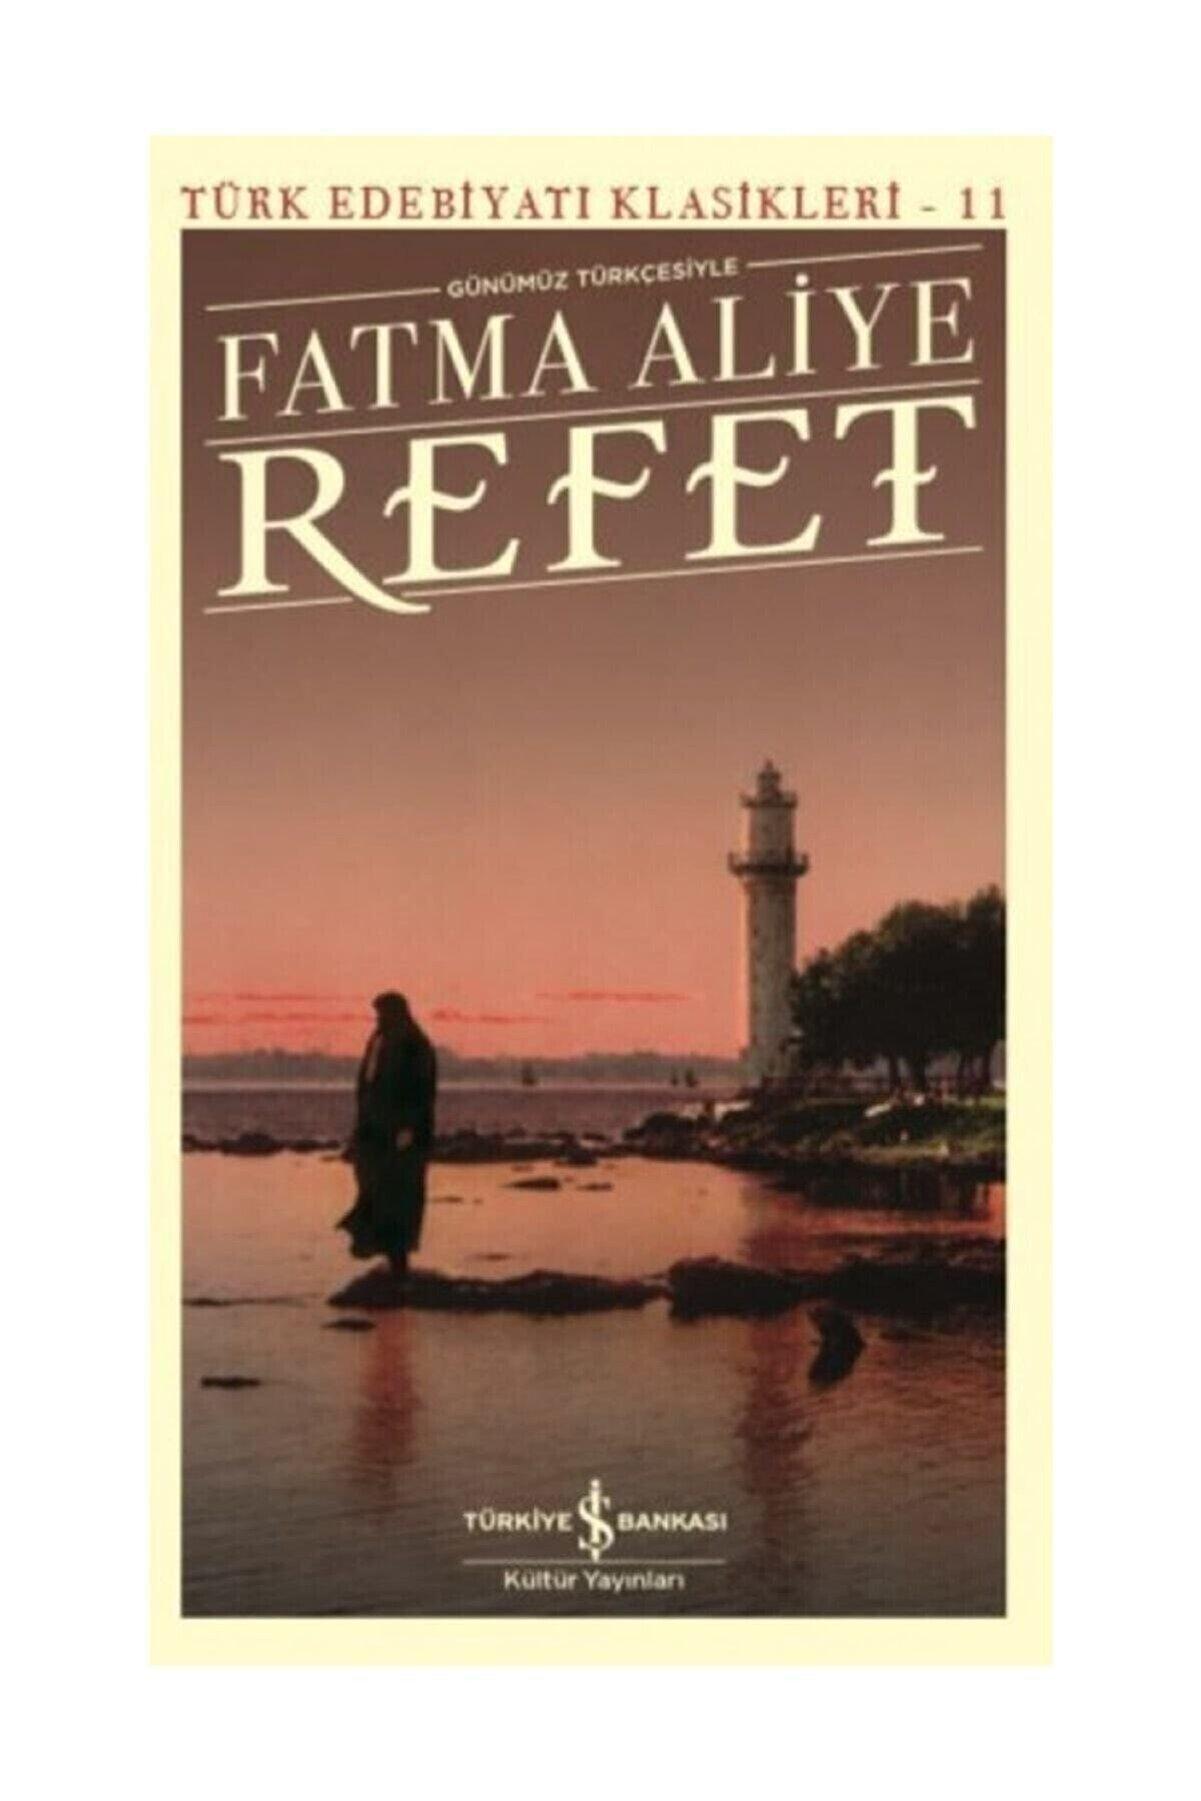 TÜRKİYE İŞ BANKASI KÜLTÜR YAYINLARI Refet (Günümüz Türkçesiyle) - Fatma Aliye Topuz